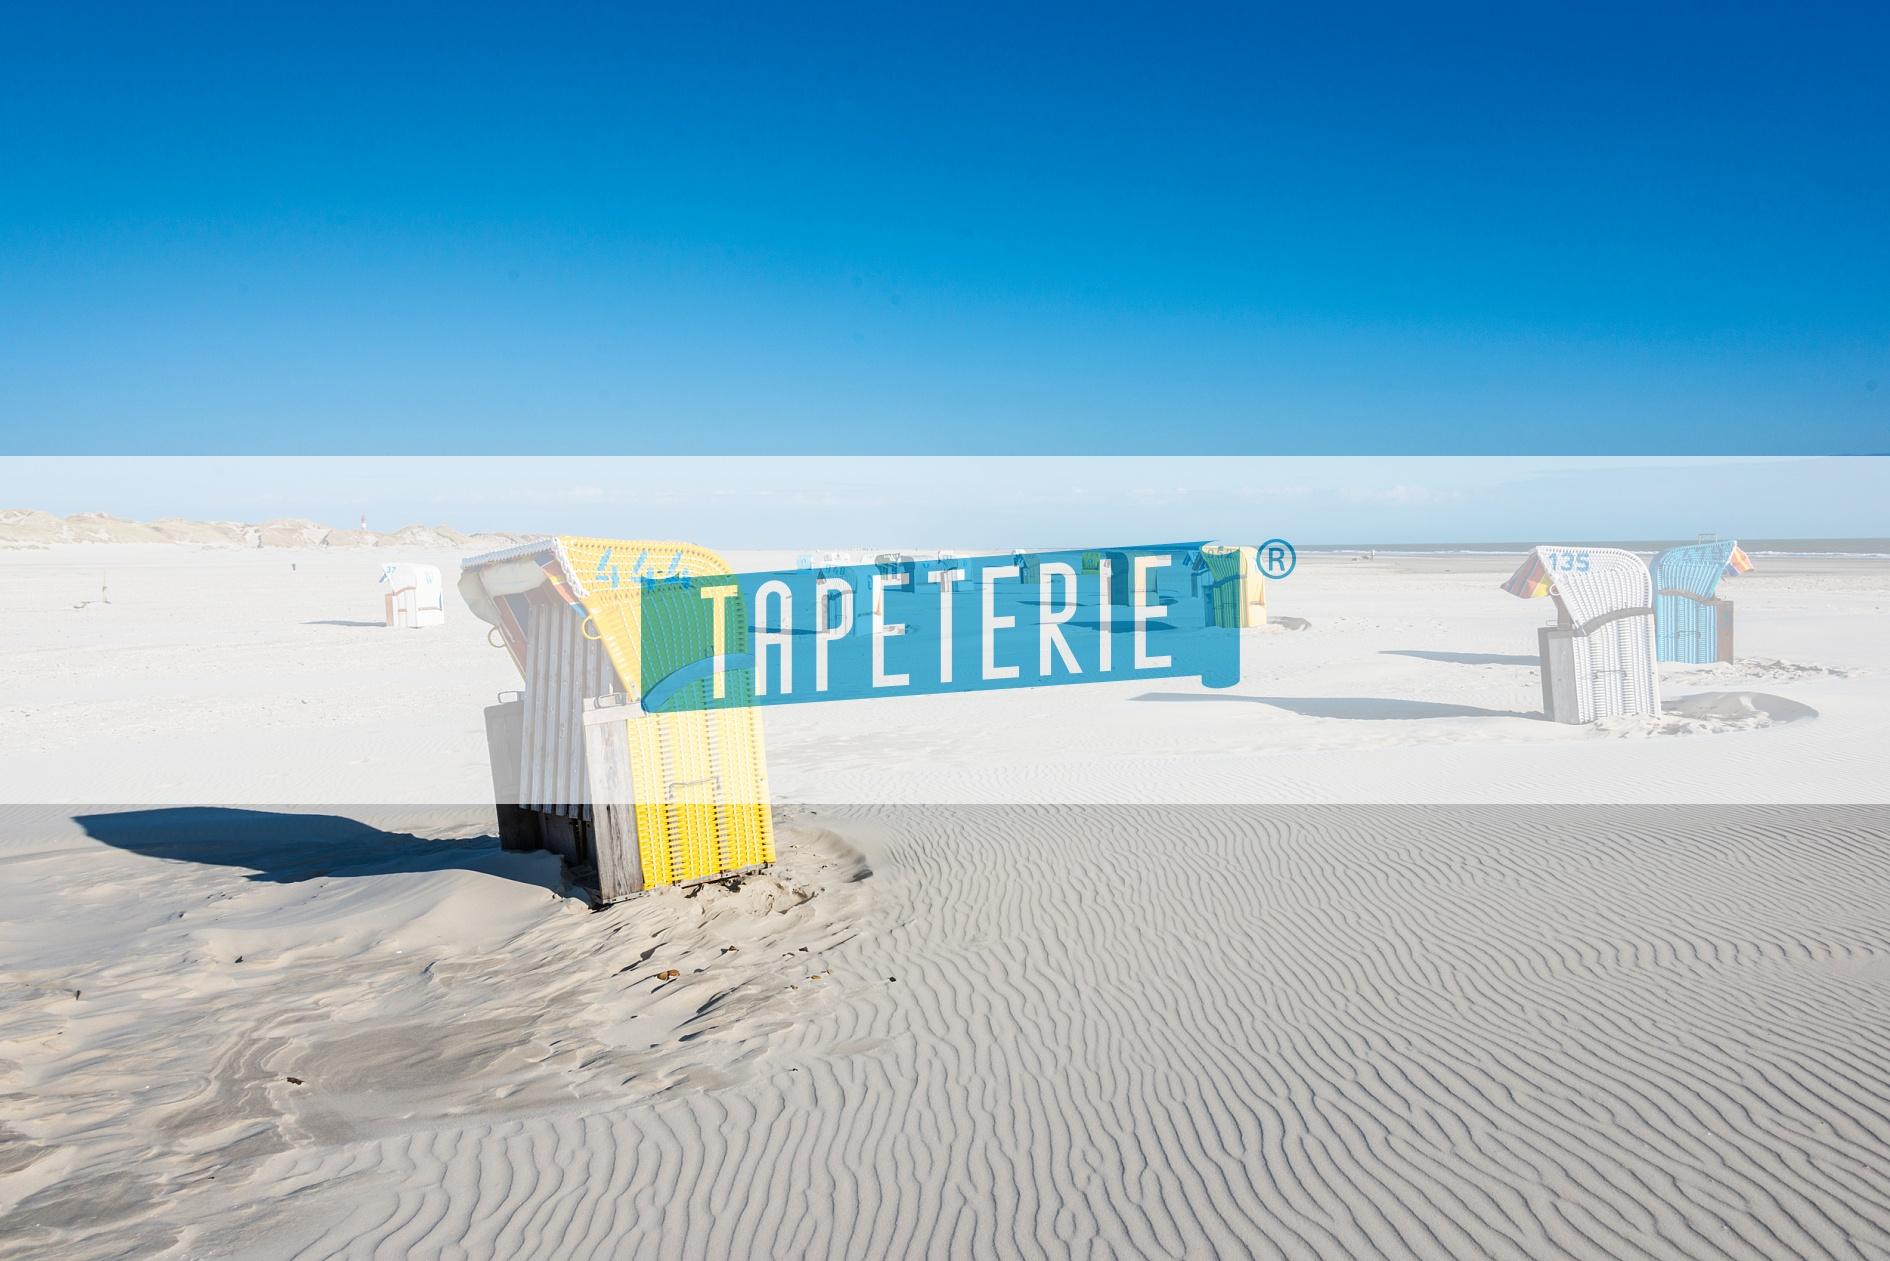 designer udo bernhart ein strandkorb von vielen auf amrum tapeterie. Black Bedroom Furniture Sets. Home Design Ideas